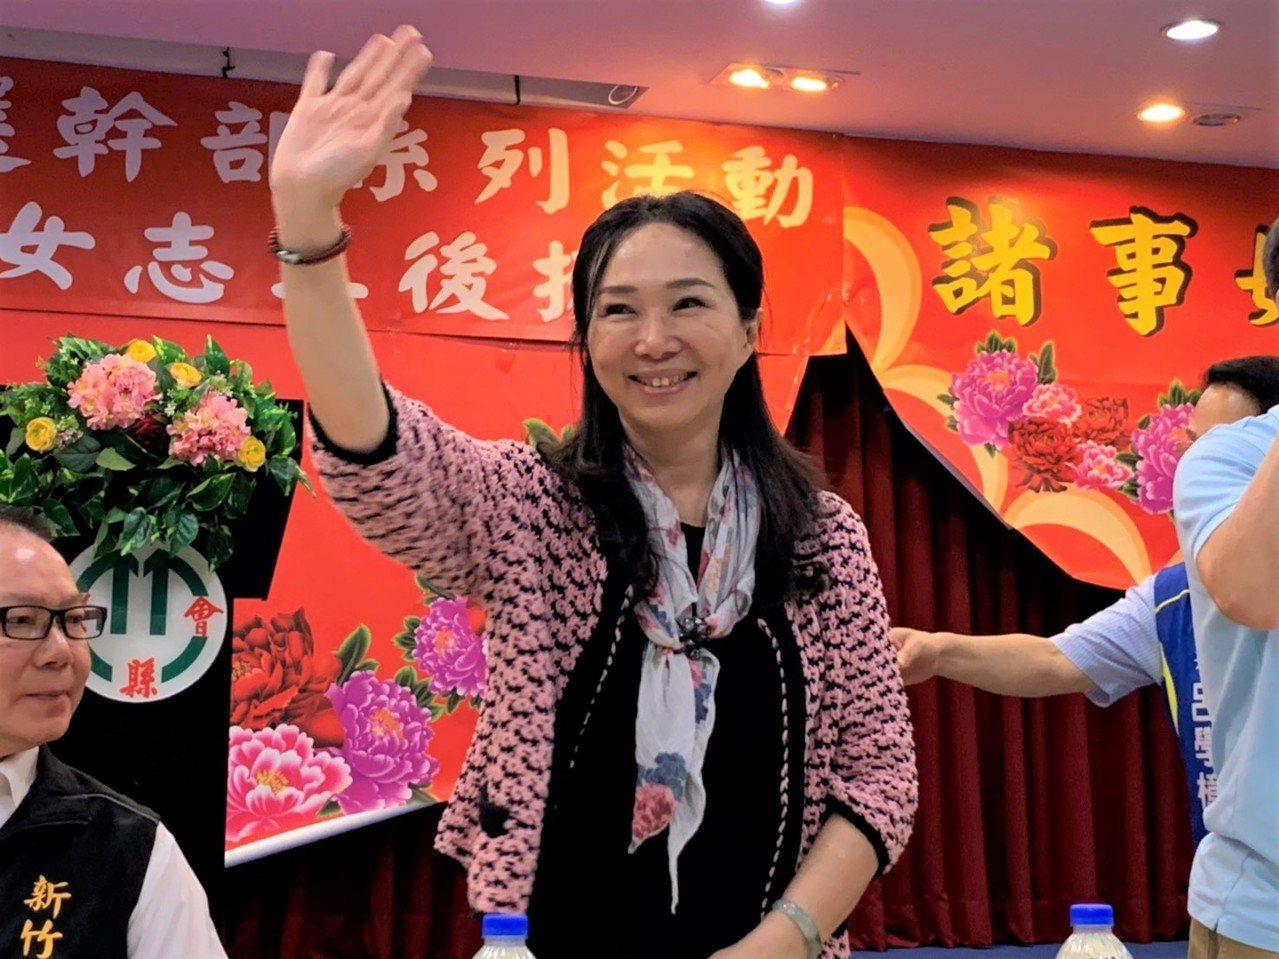 李佳芬出席國民黨新竹縣、市議會黨團座談會與婦女志工後援會,向現場的支持者揮手致意...